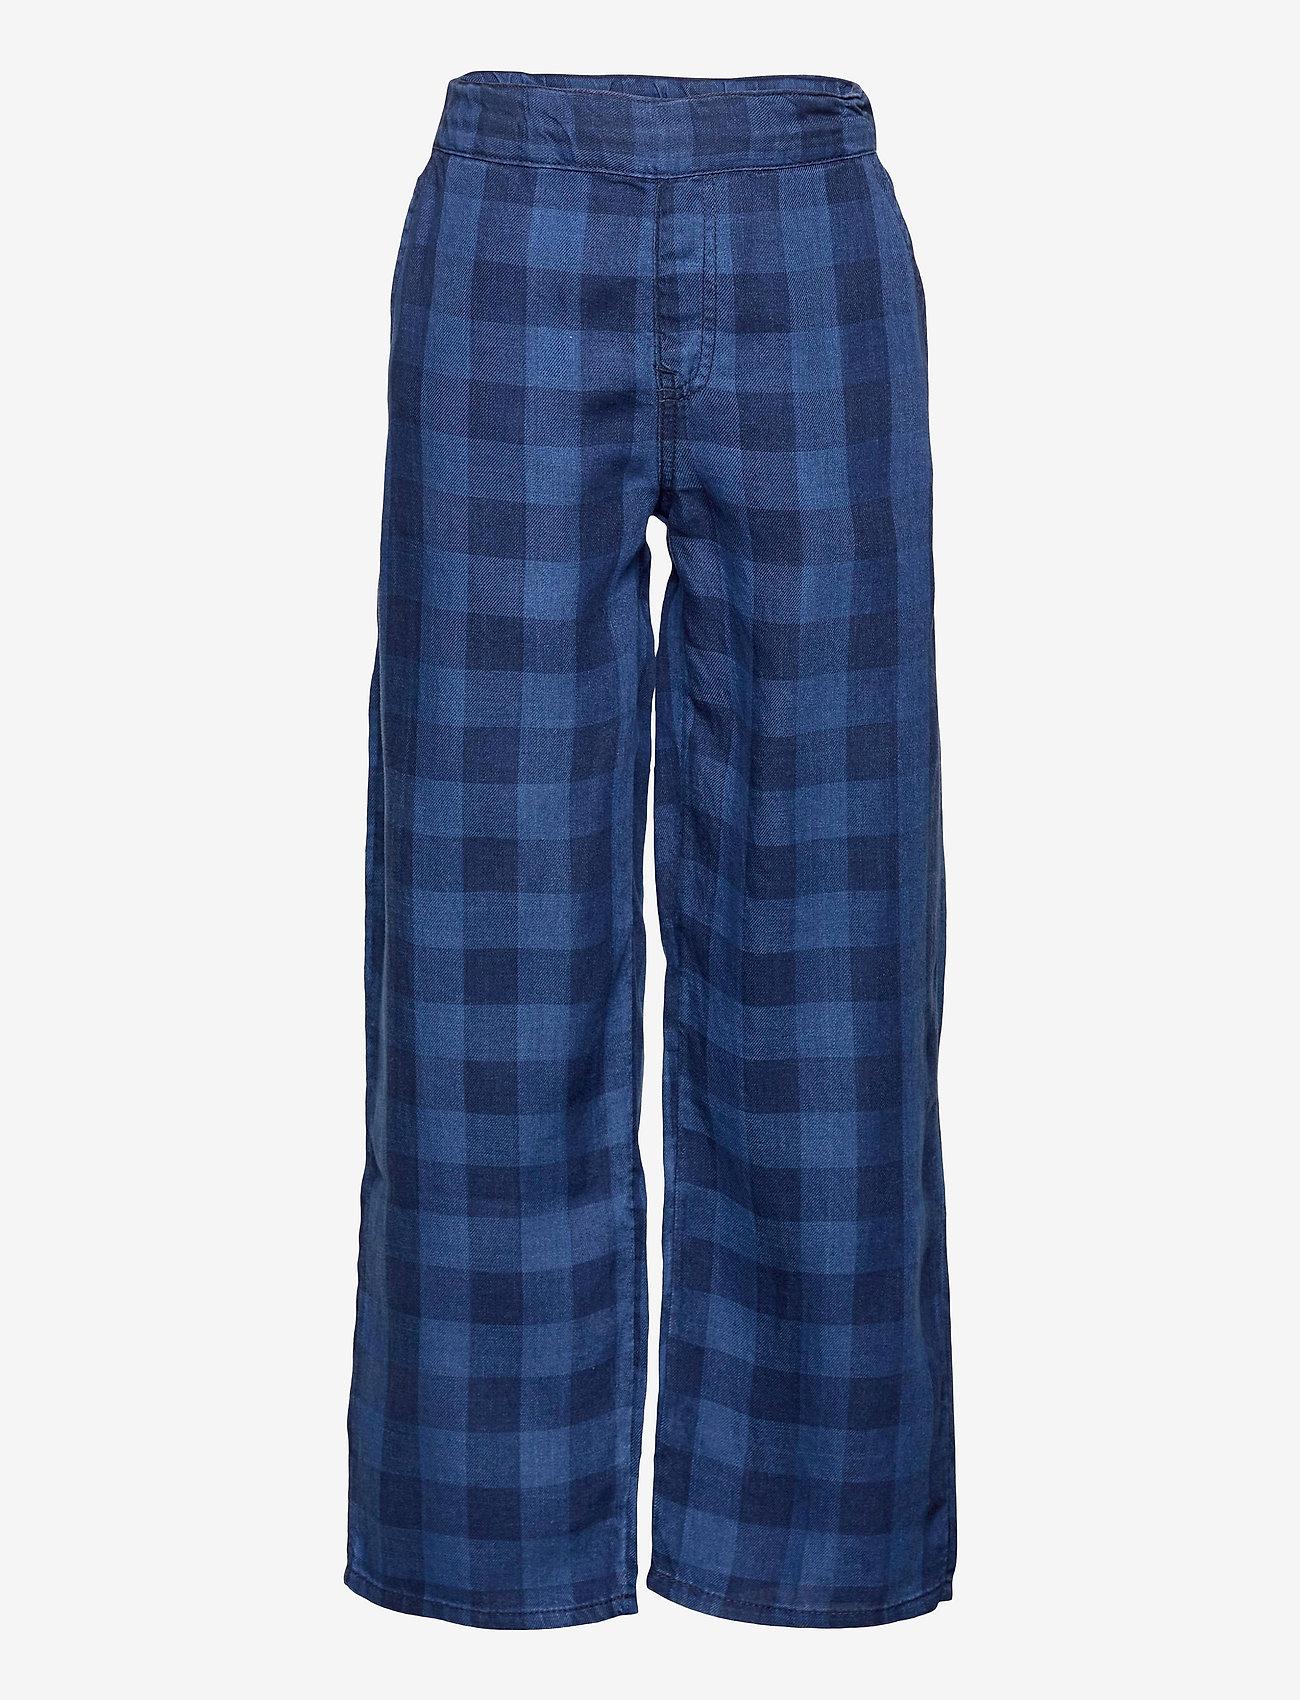 LMTD - NLFSENE DNM  REG CHECK PANT - kleidung - medium blue denim - 0